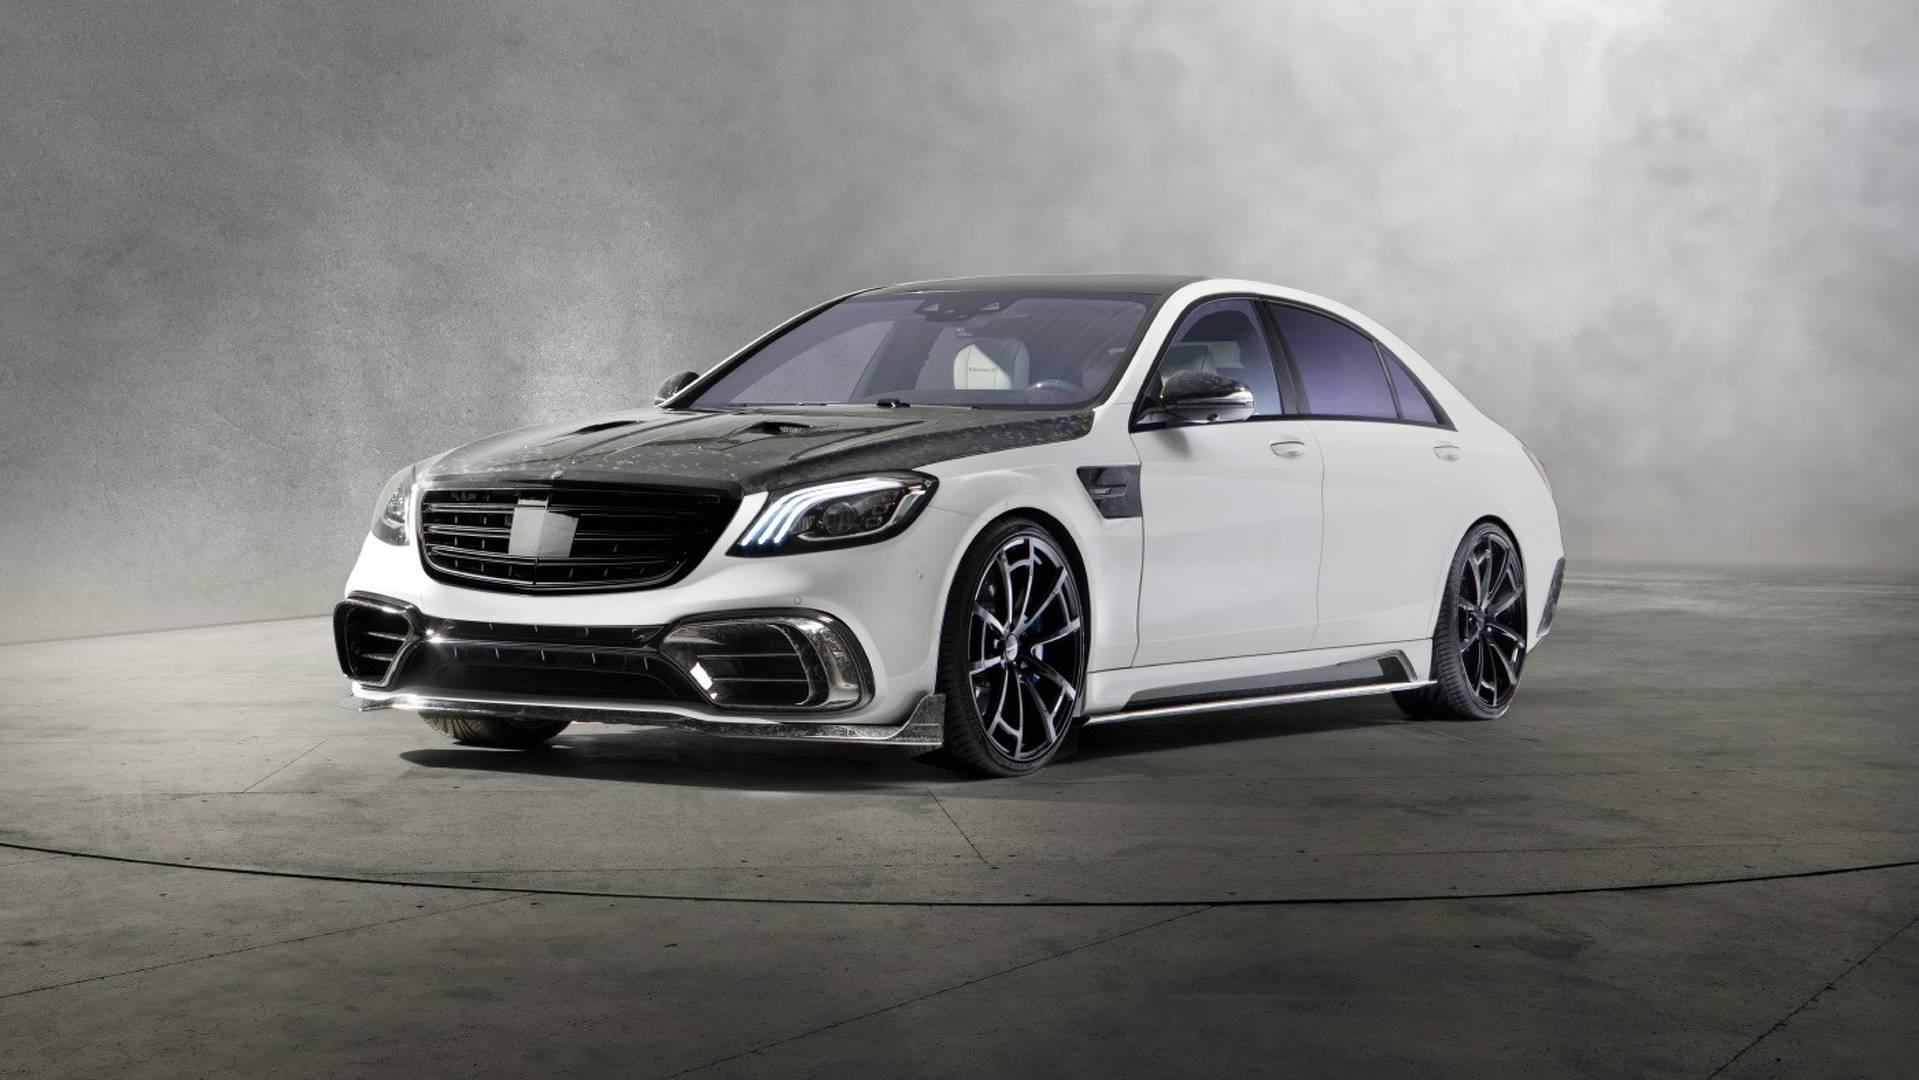 О стоимости доработок для Mercedes-AMG S 63 в ателье предпочли не распространяться